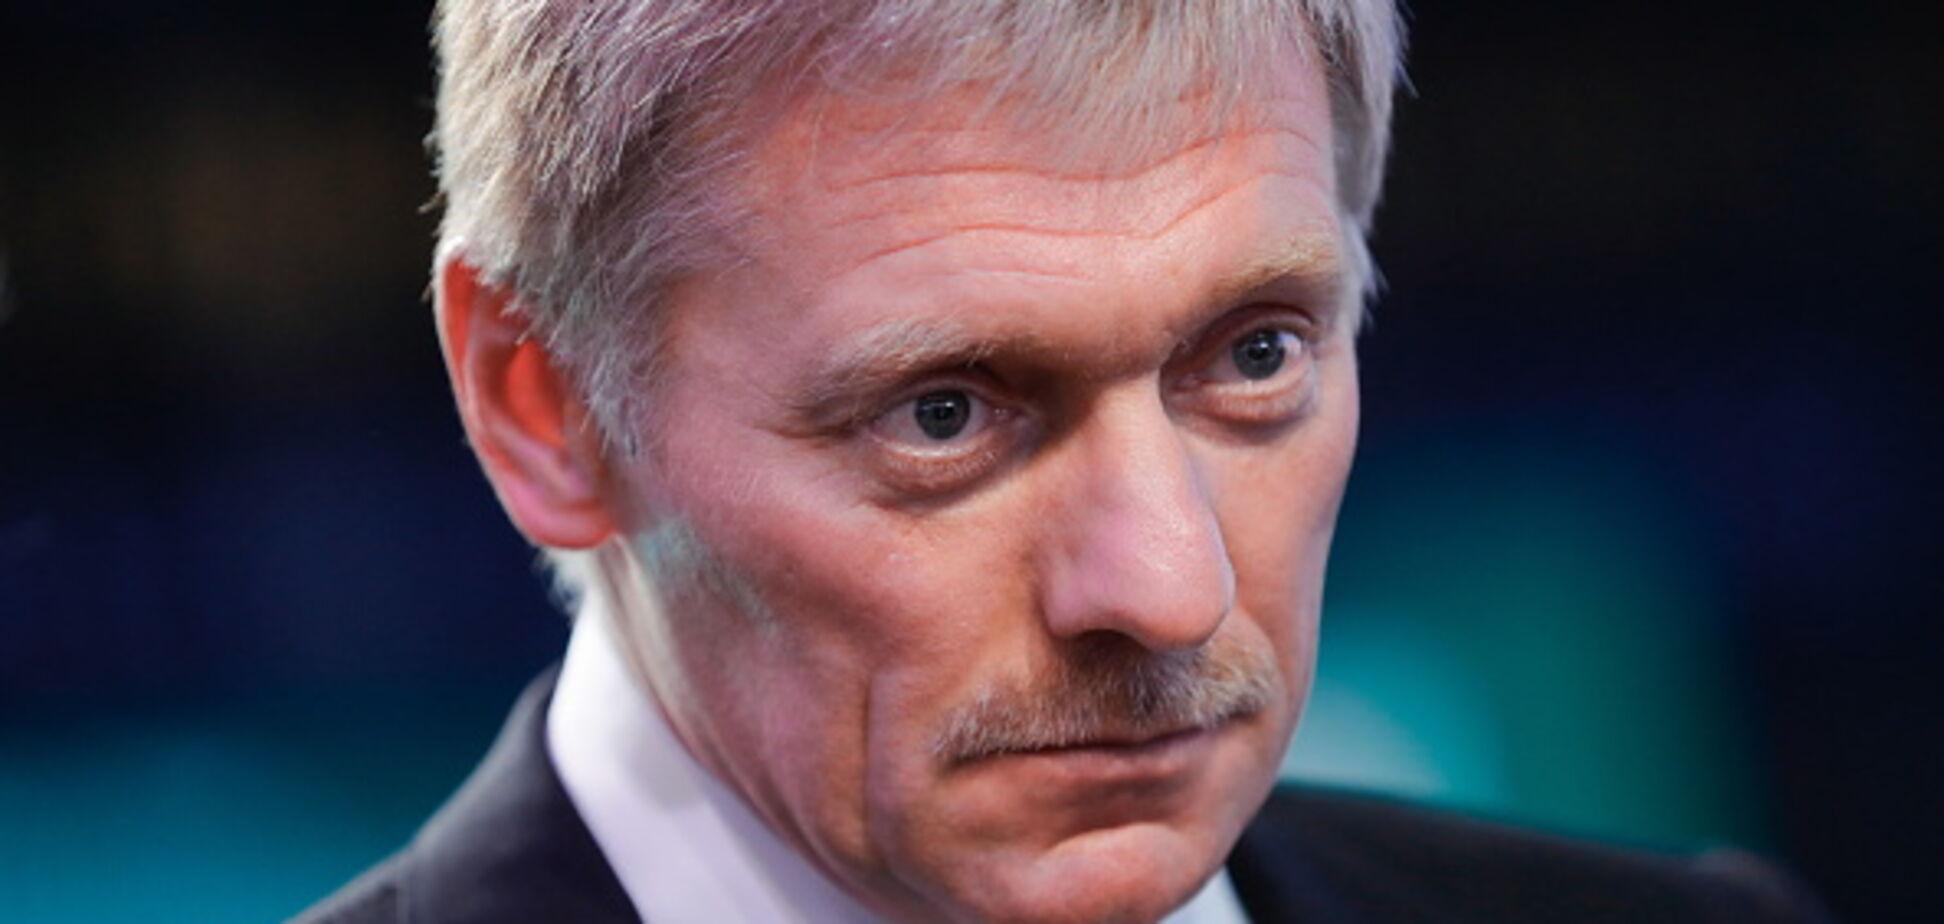 'Н///й такую работу': спікеру Путіна подарували стьобний сувенір